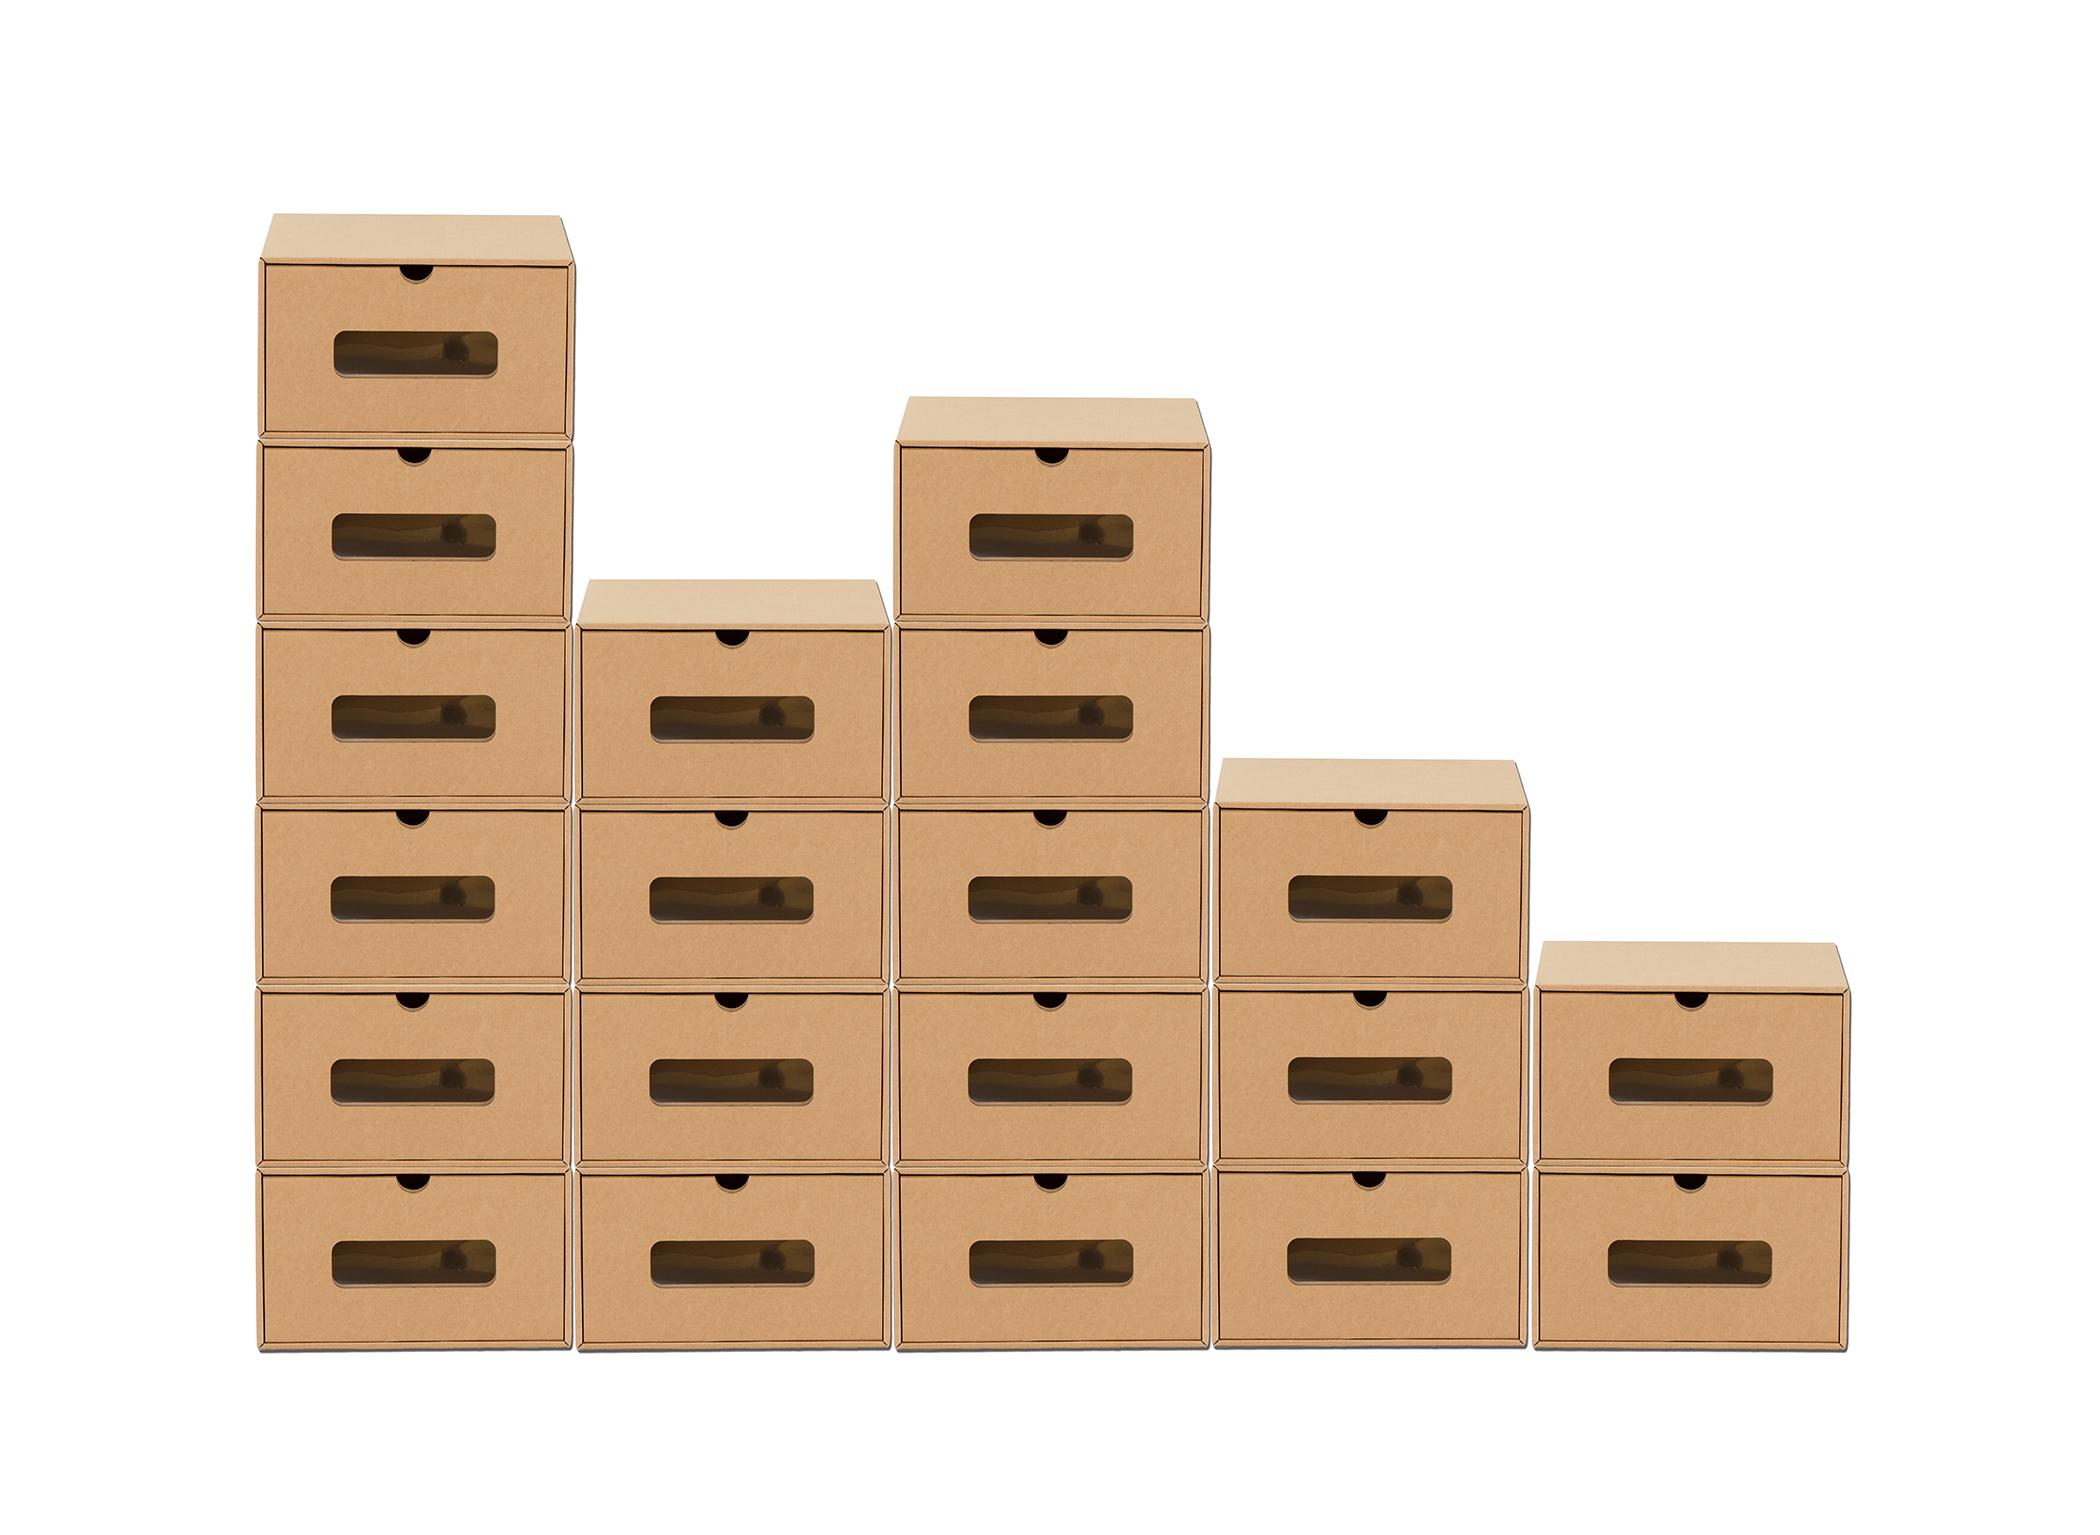 Full Size of Aufbewahrungsbopappe 20karton Mit Schublade Real Stecksystem Regal Schubladeneinsatz Küche Wohnzimmer Schubladeneinsatz Stecksystem